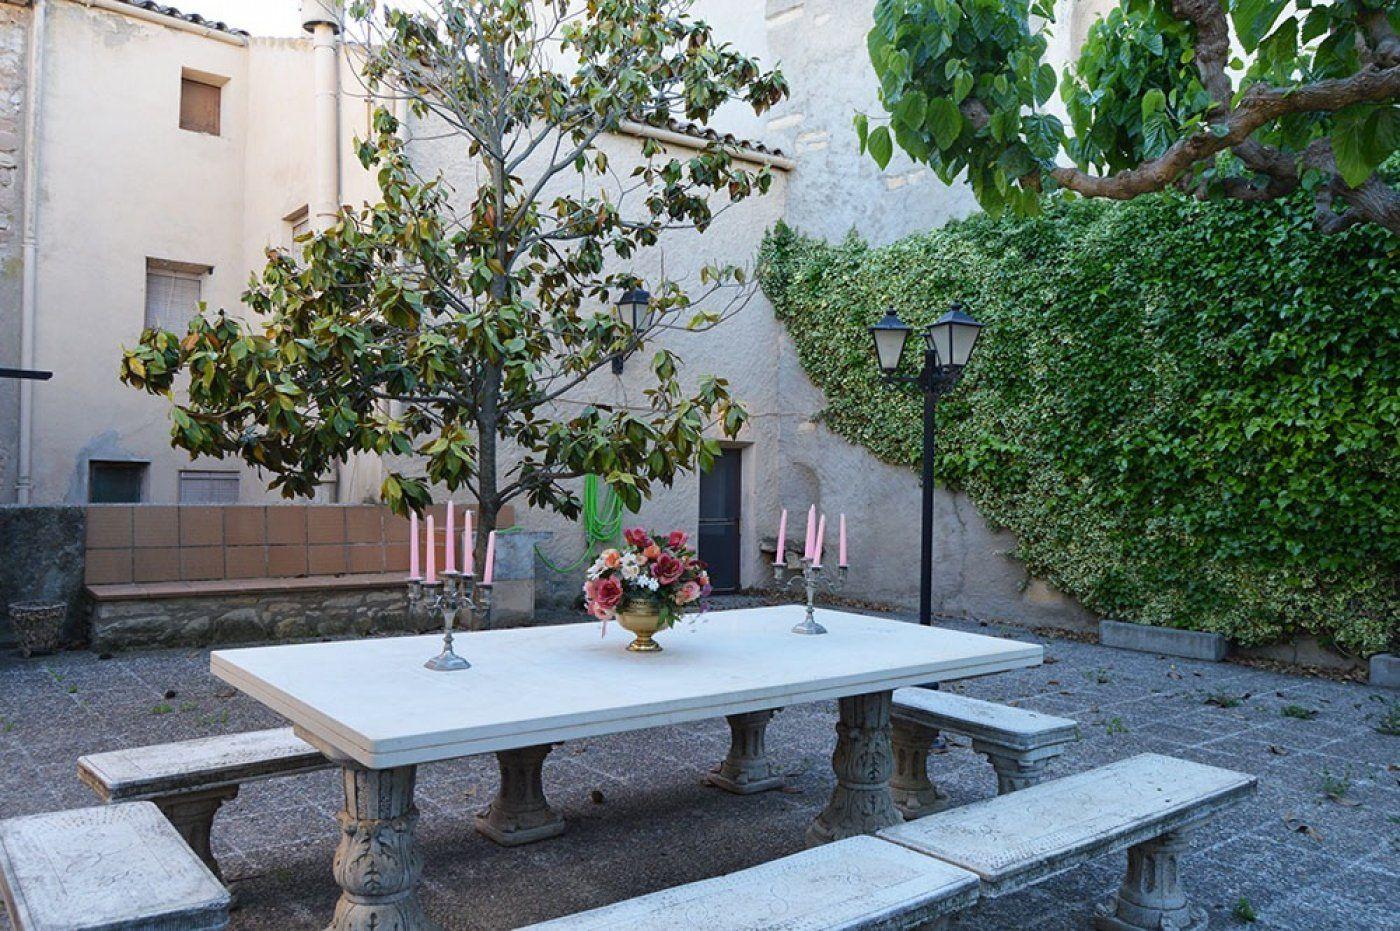 Casa  Pira ,zona poble. Casa de pueblo en venta de 225 m2 con jardin 73 m2 y amueblado e